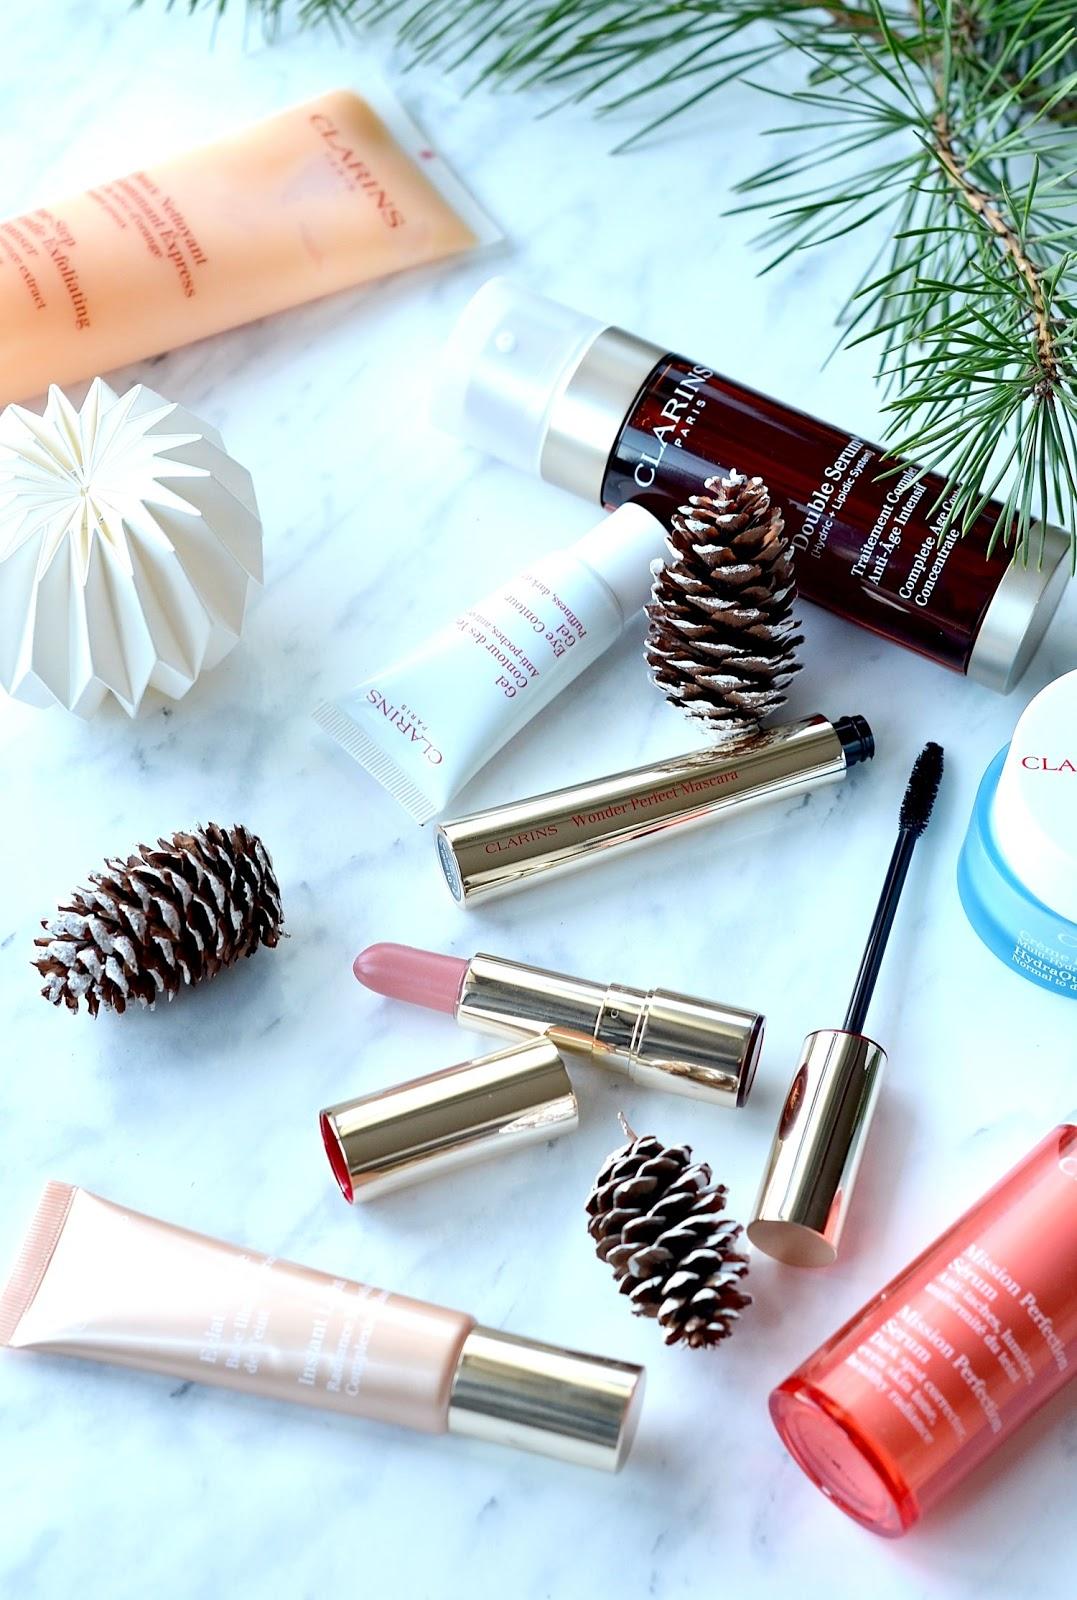 clarins | hydraQuench | recenzje kosmetykow clarins | blogi o urodzie